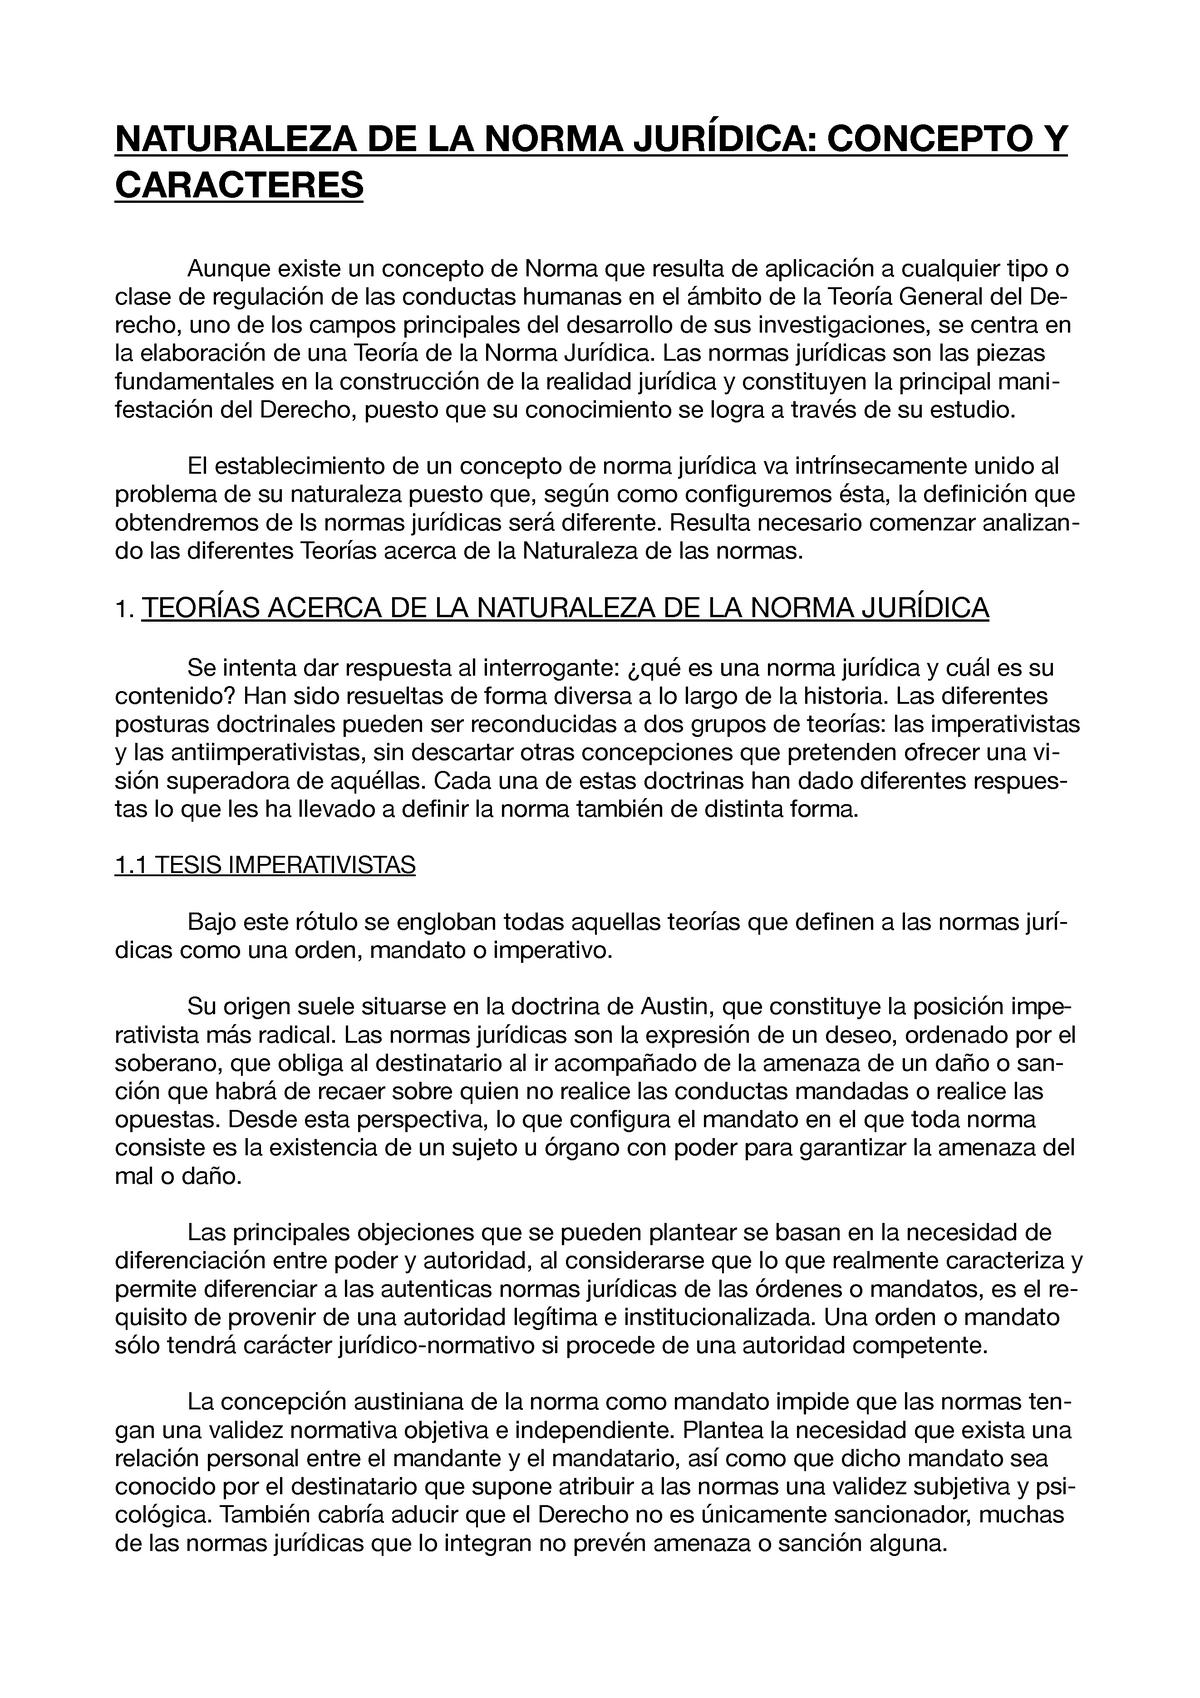 Resumen Del Capítulo 6 Teoría Del Derecho 66021021 Uned